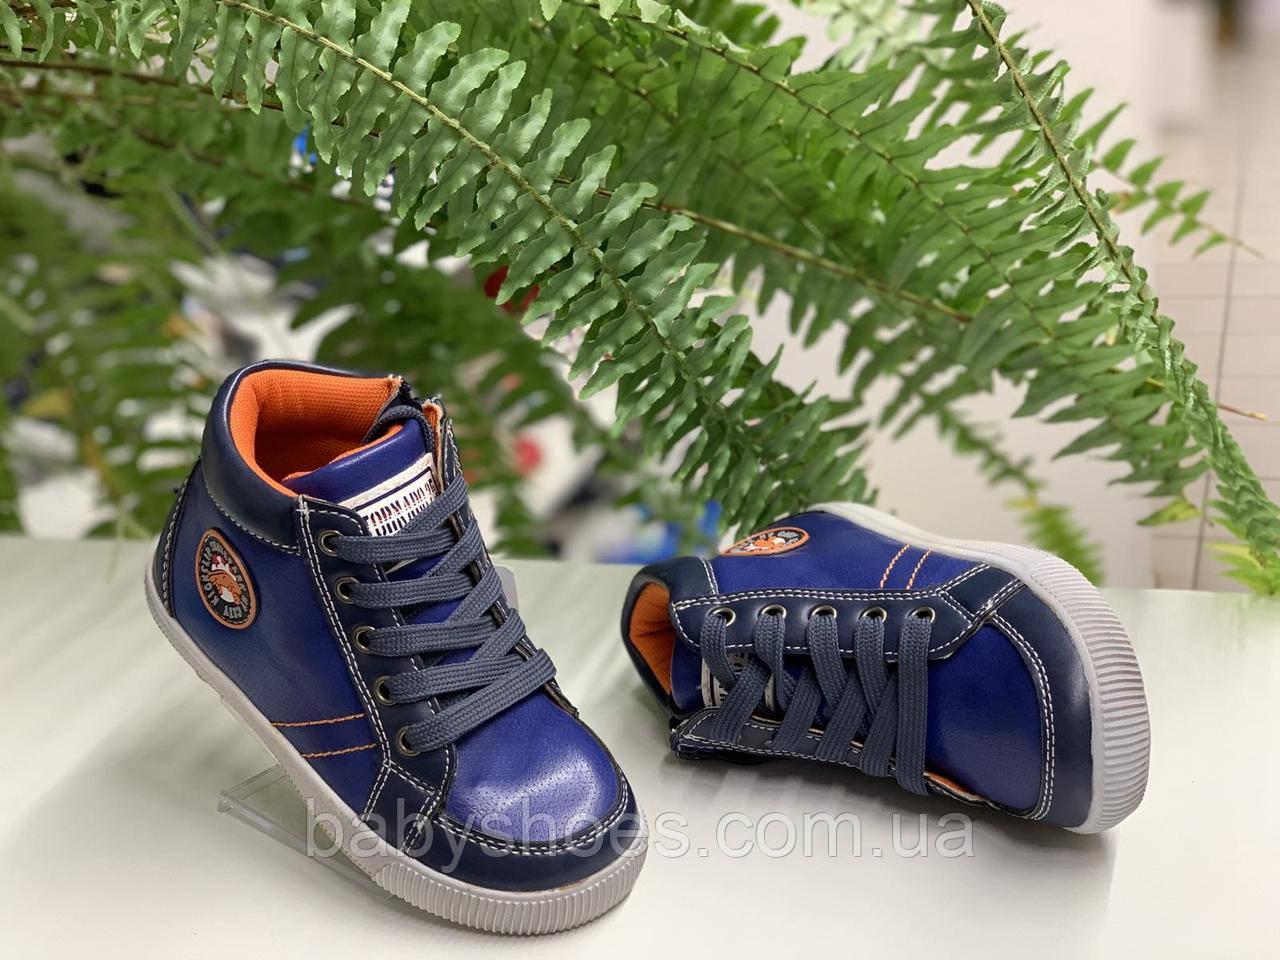 Демисезонные ботинки для мальчика C.Луч р.26-31,  ДМ-85